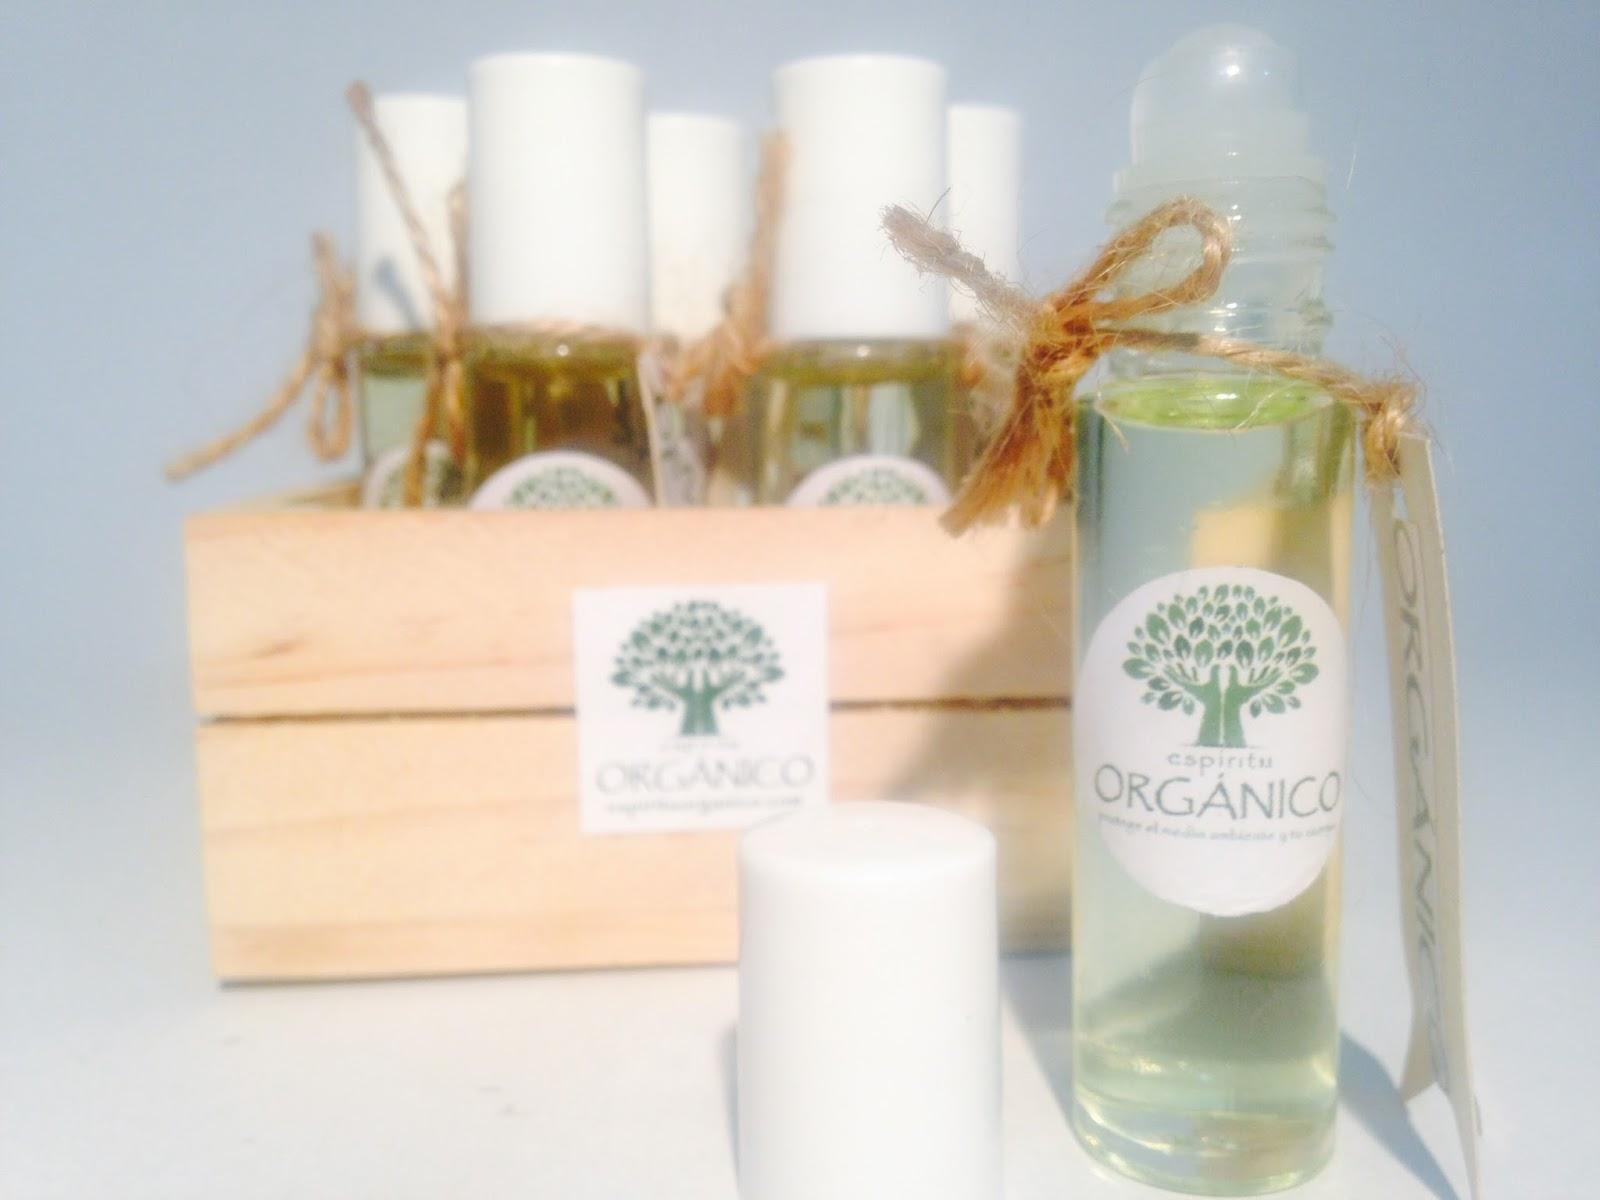 Aceite  Orgánico Alivio Dolor De Cabeza $25.000